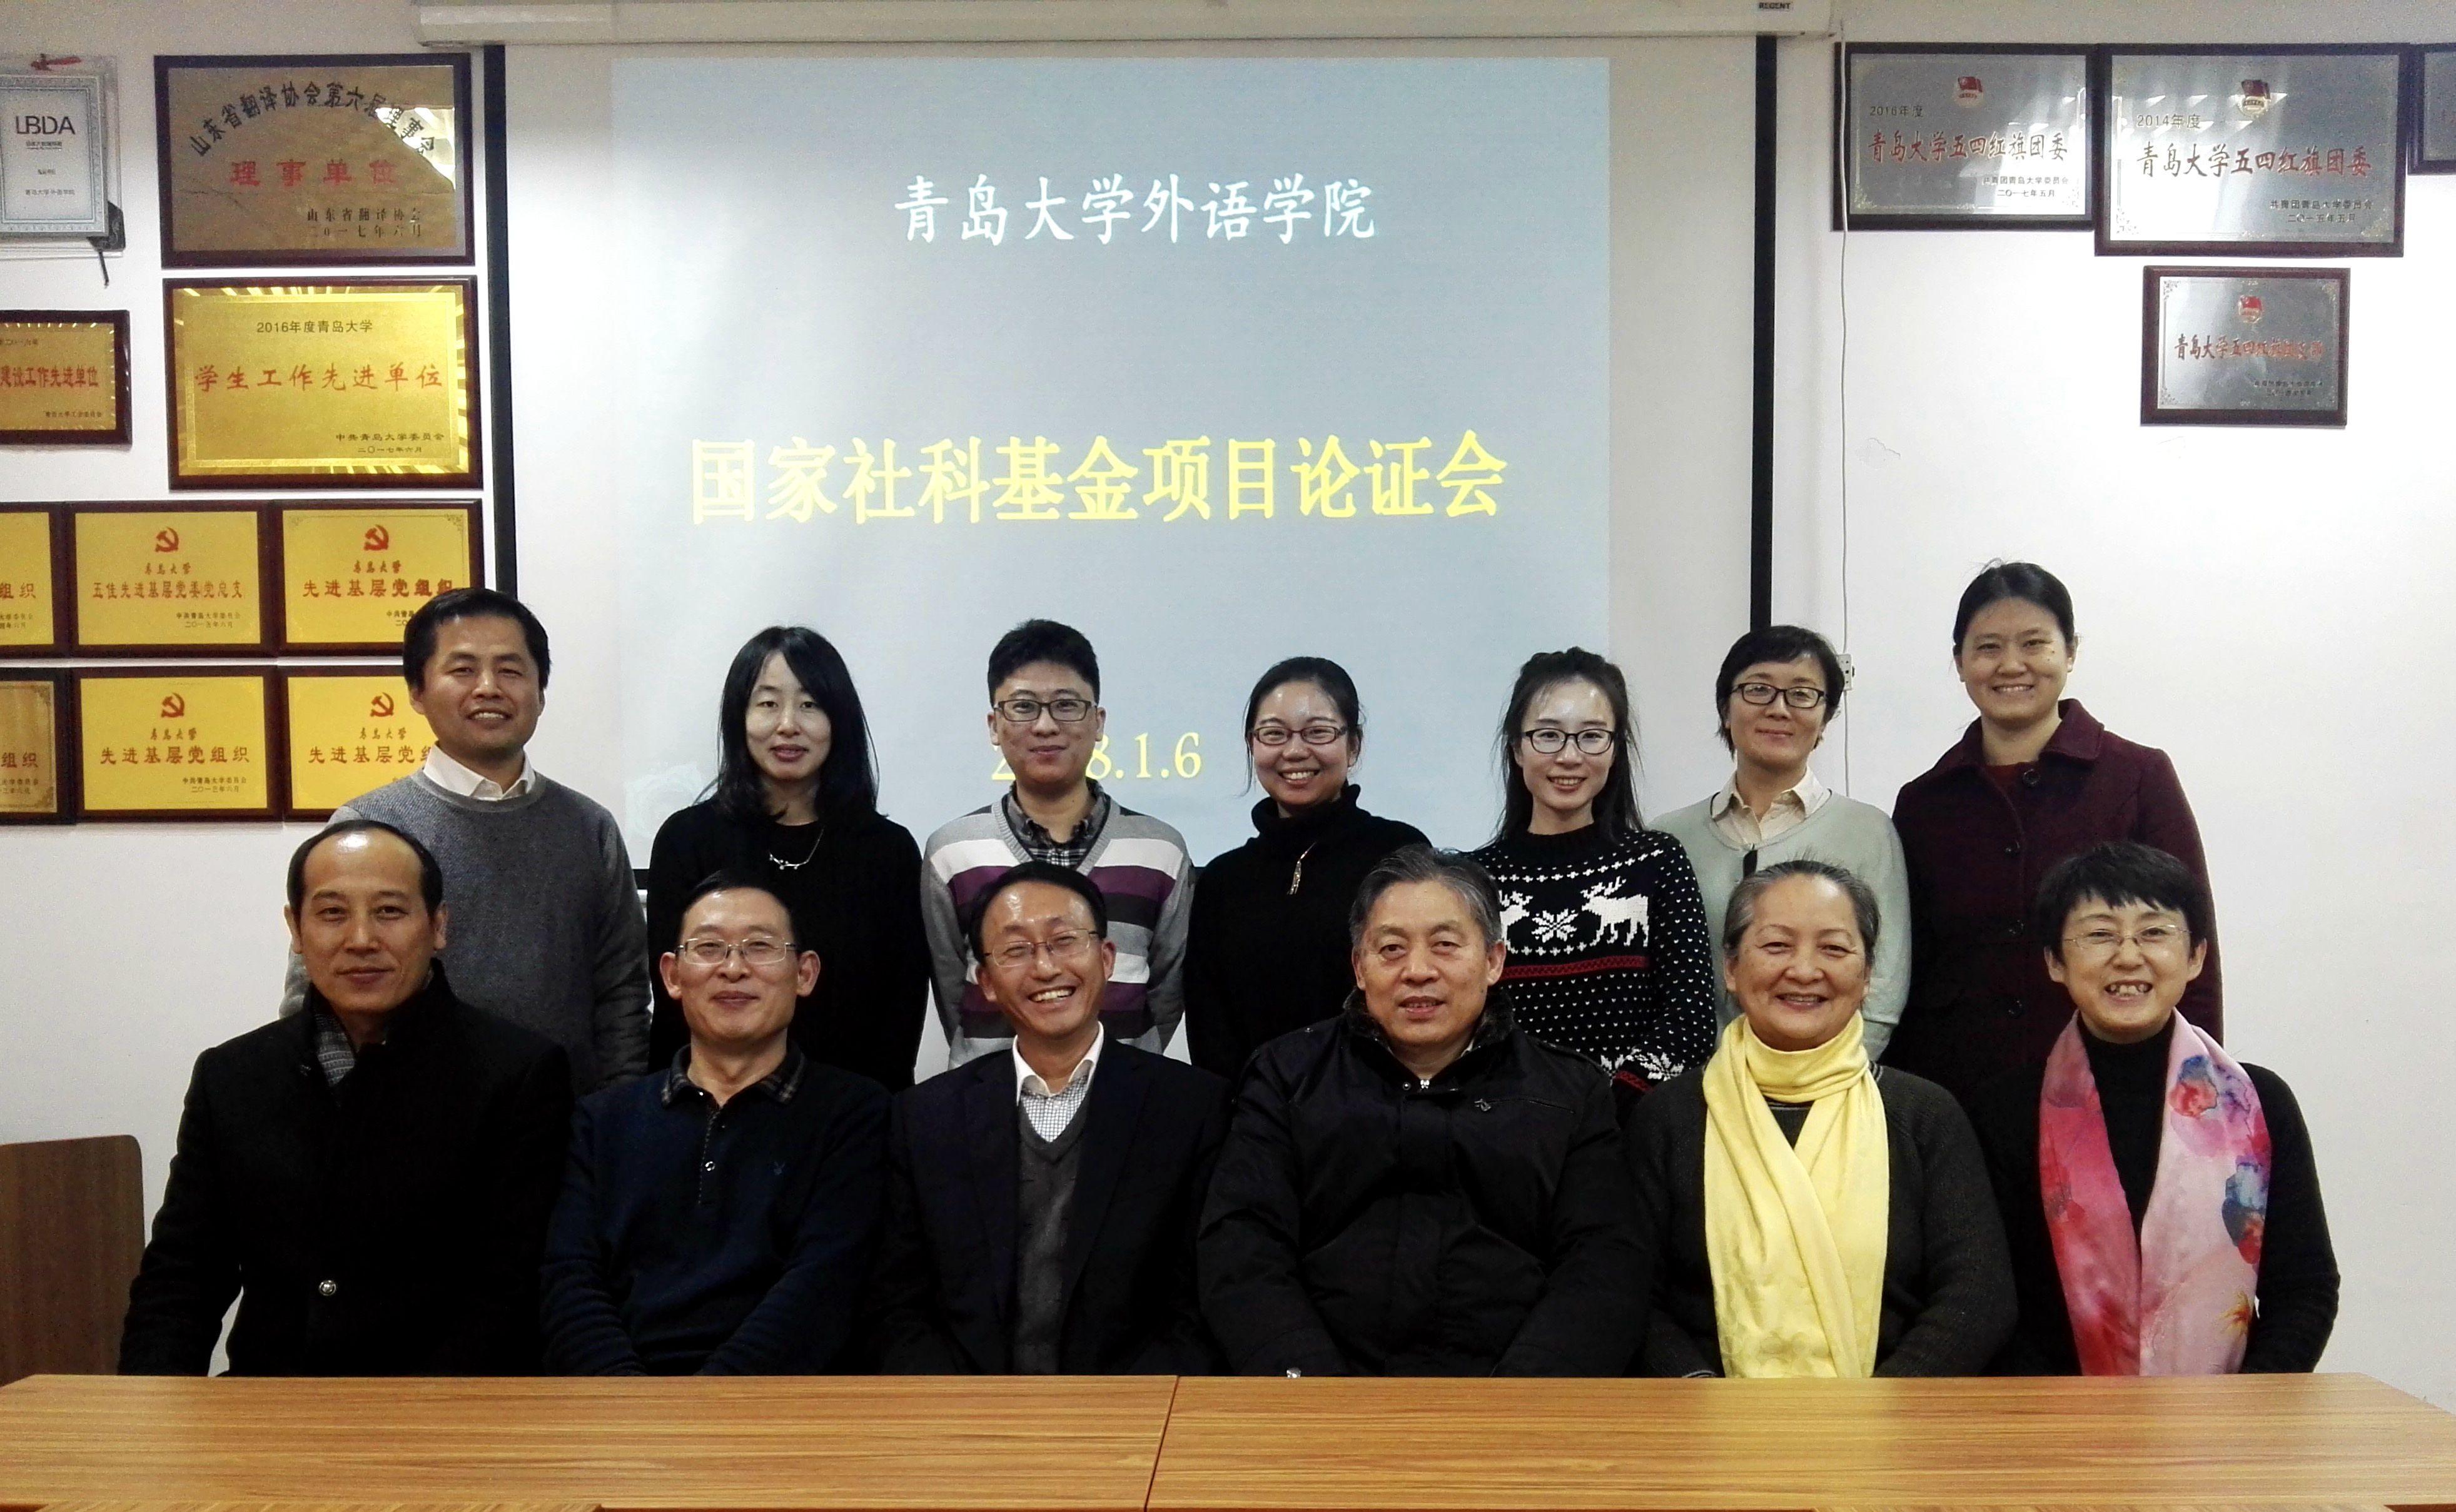 学院召开2018年国家社科基金申报项目论证会